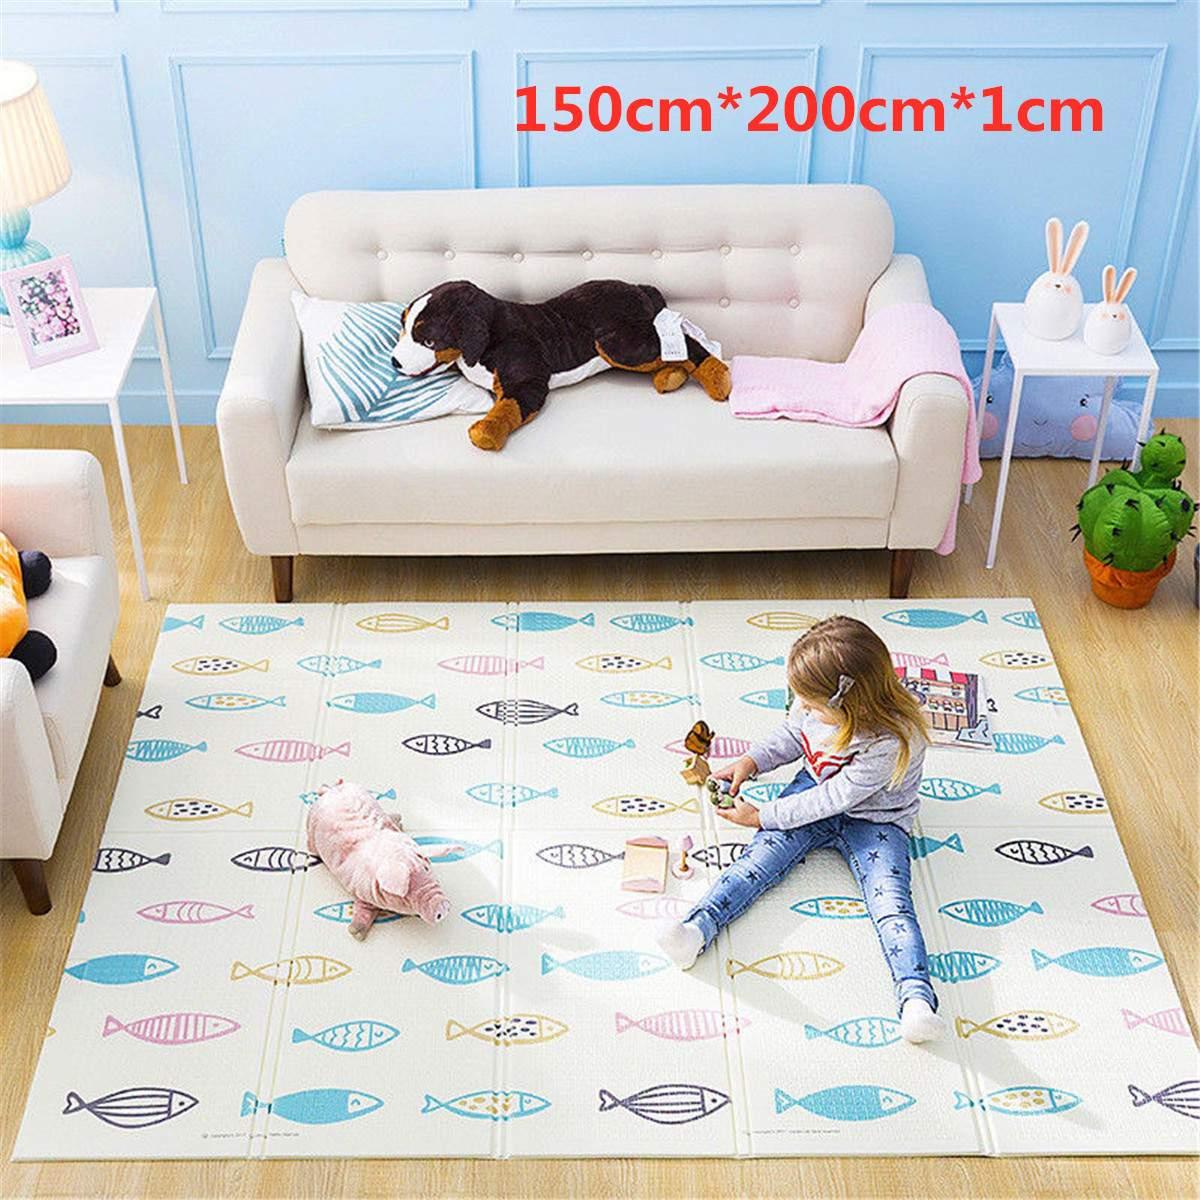 150x200x1 cm pliable infantile brillant bébé tapis de jeu bébé tapis XPE enfants tapis bébé tapis de jeu Puzzles tapis dans le jeu de pépinière